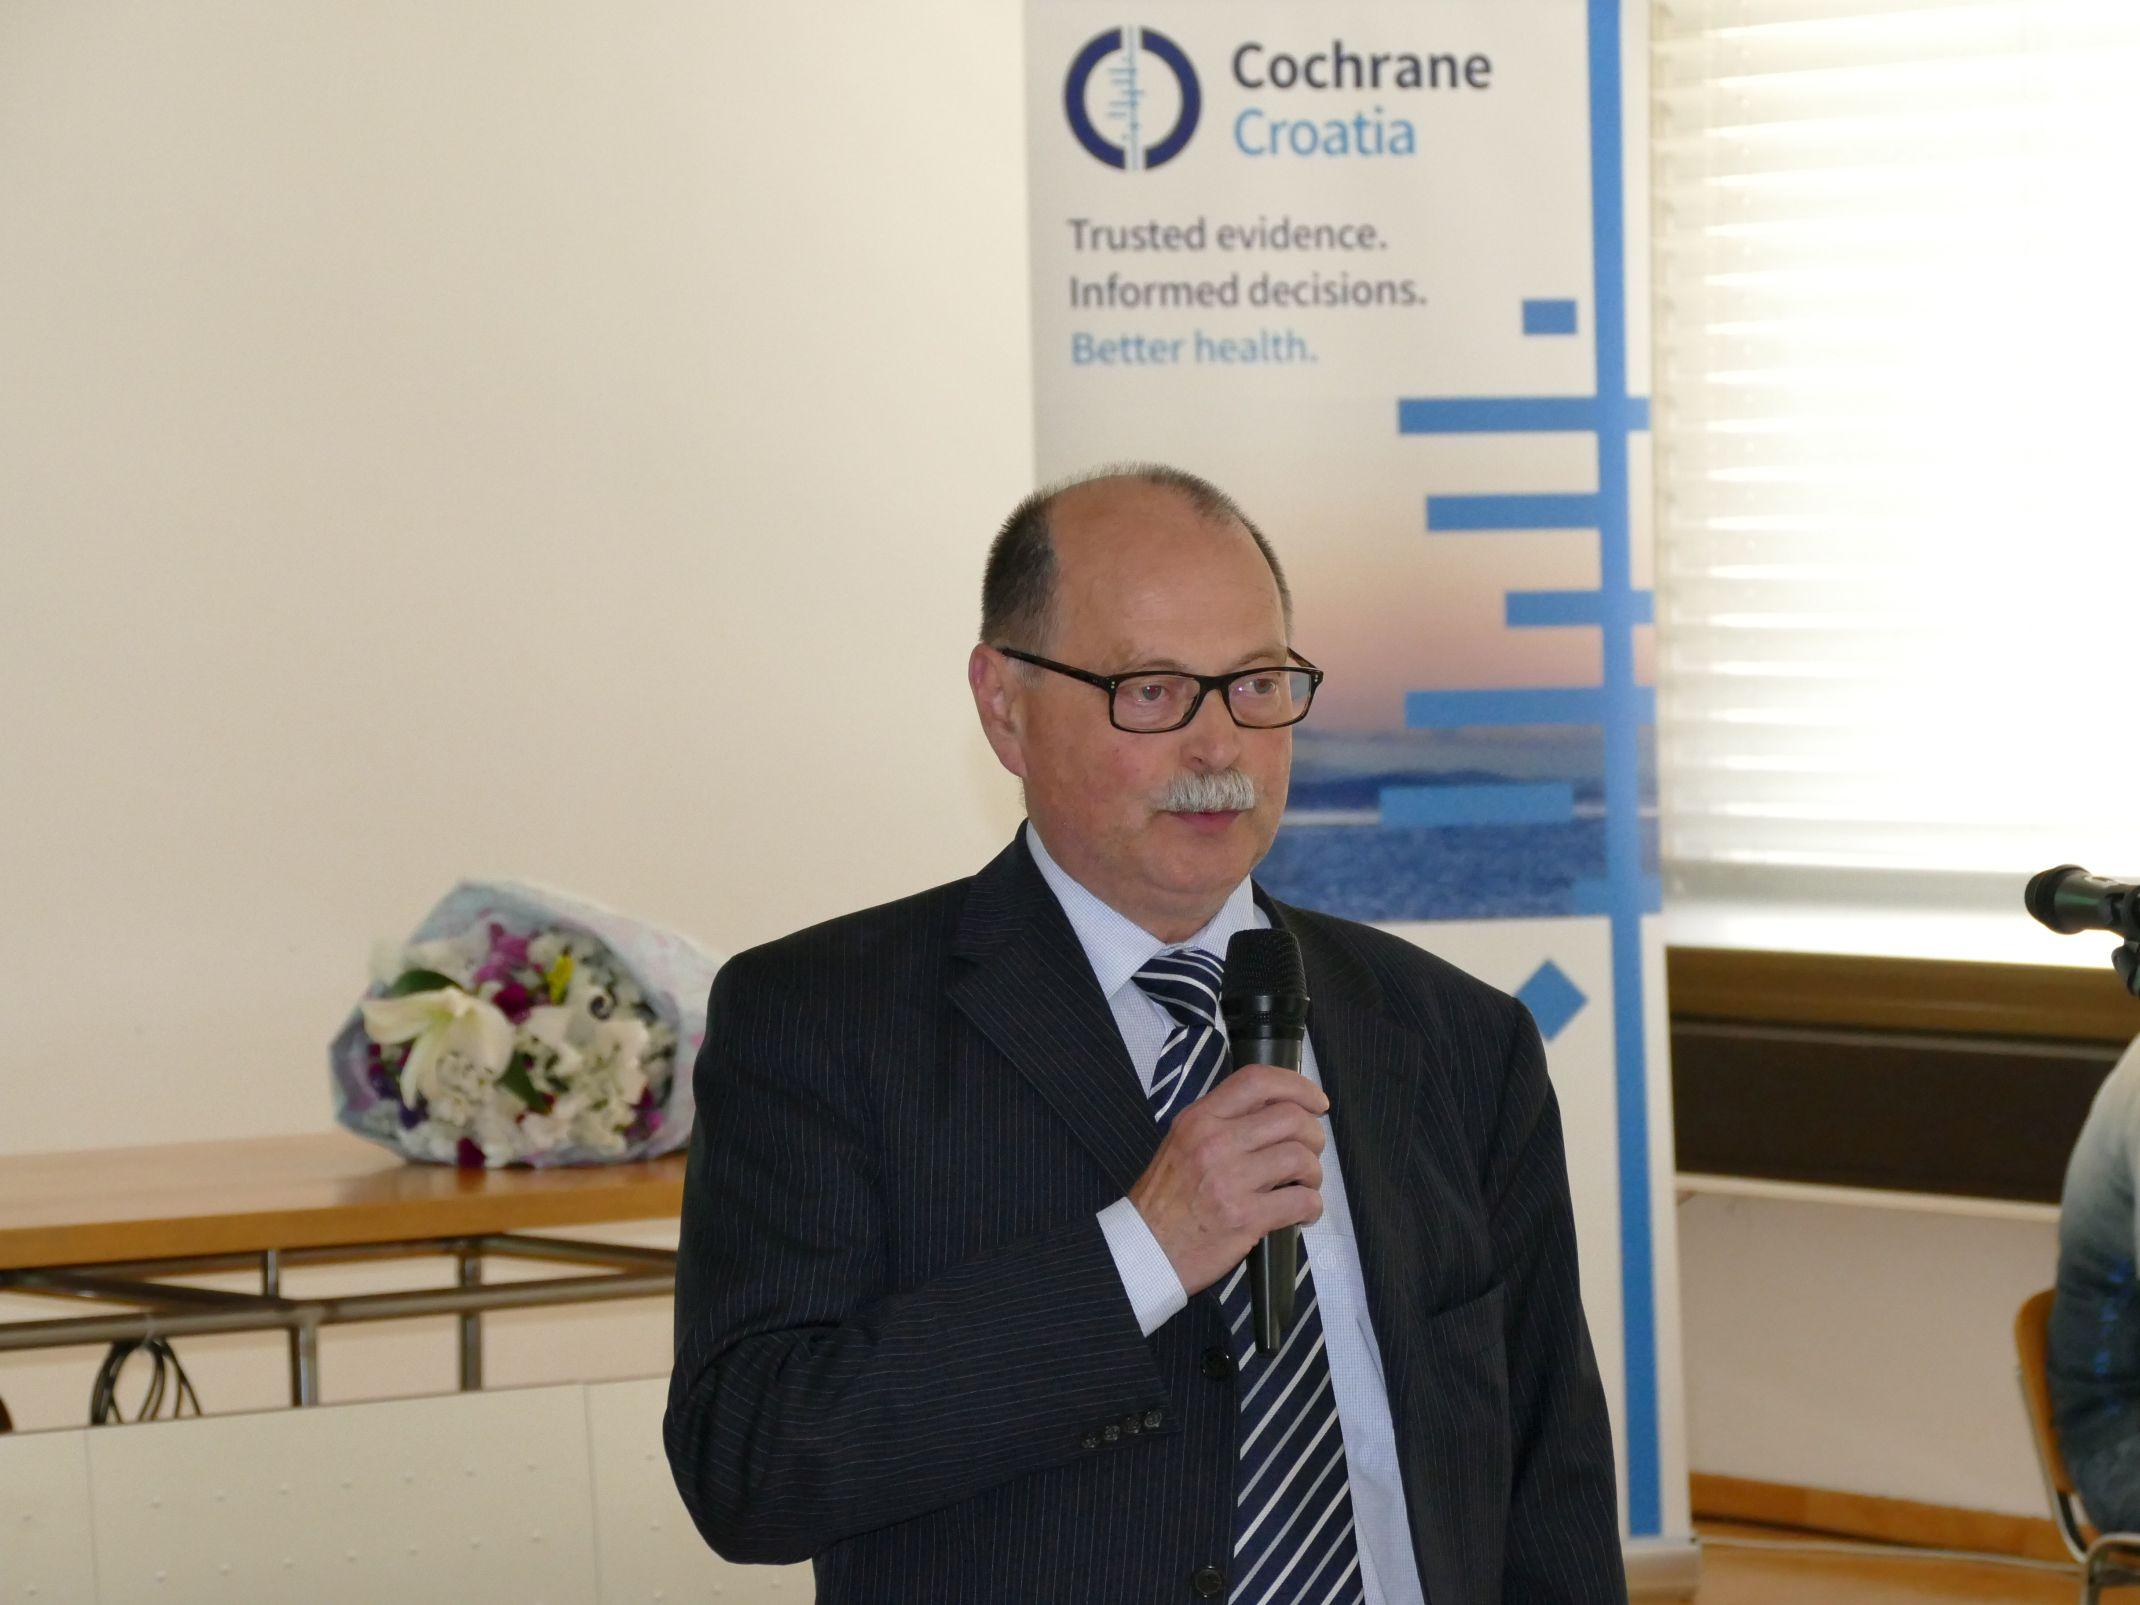 9. Hrvatski Cochrane simpozij - fotogalerija